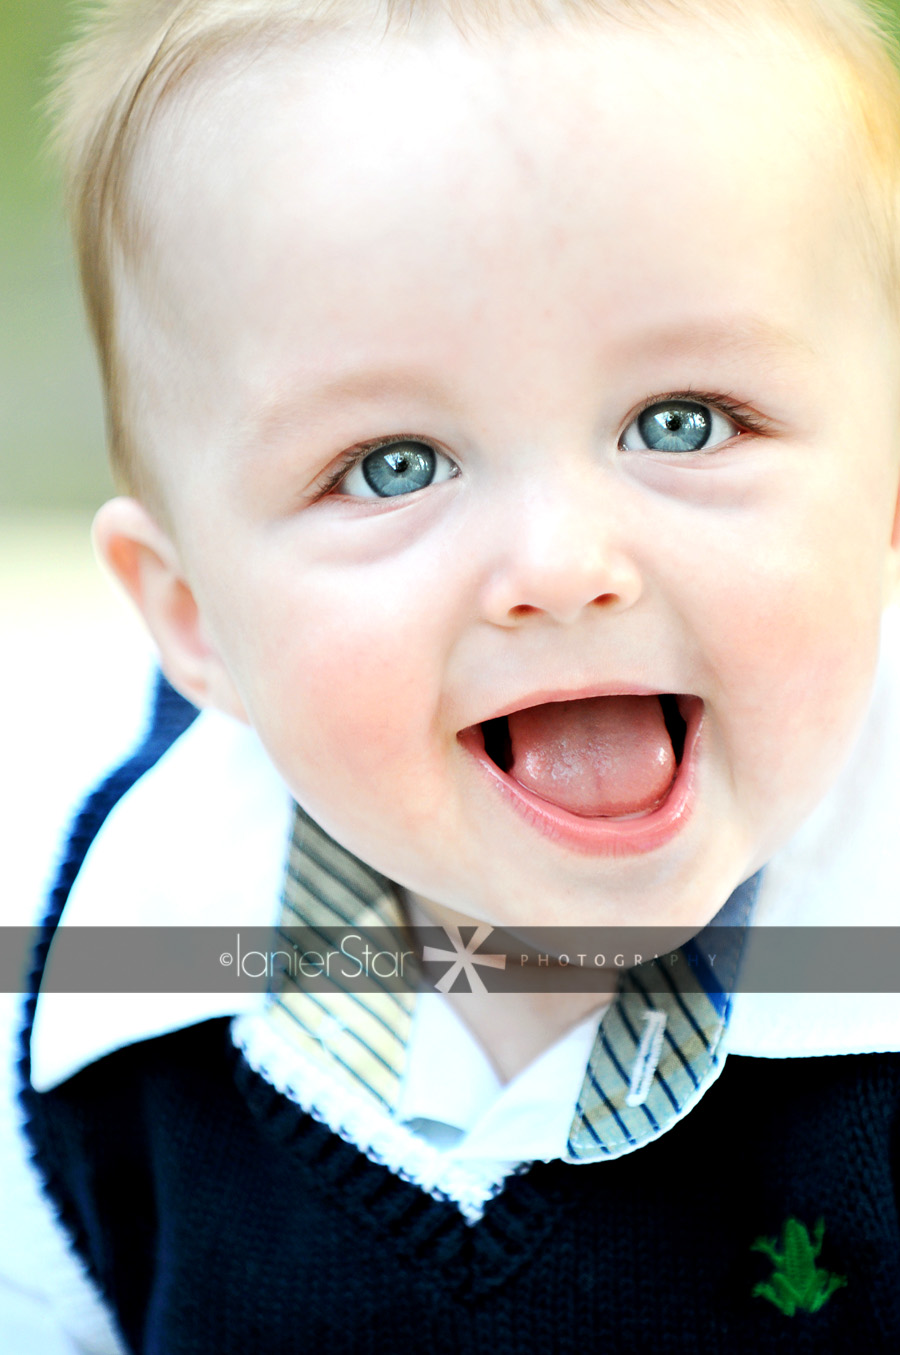 بالصور صور اولاد , اجمل صور اطفال حلوين جدا 2065 11